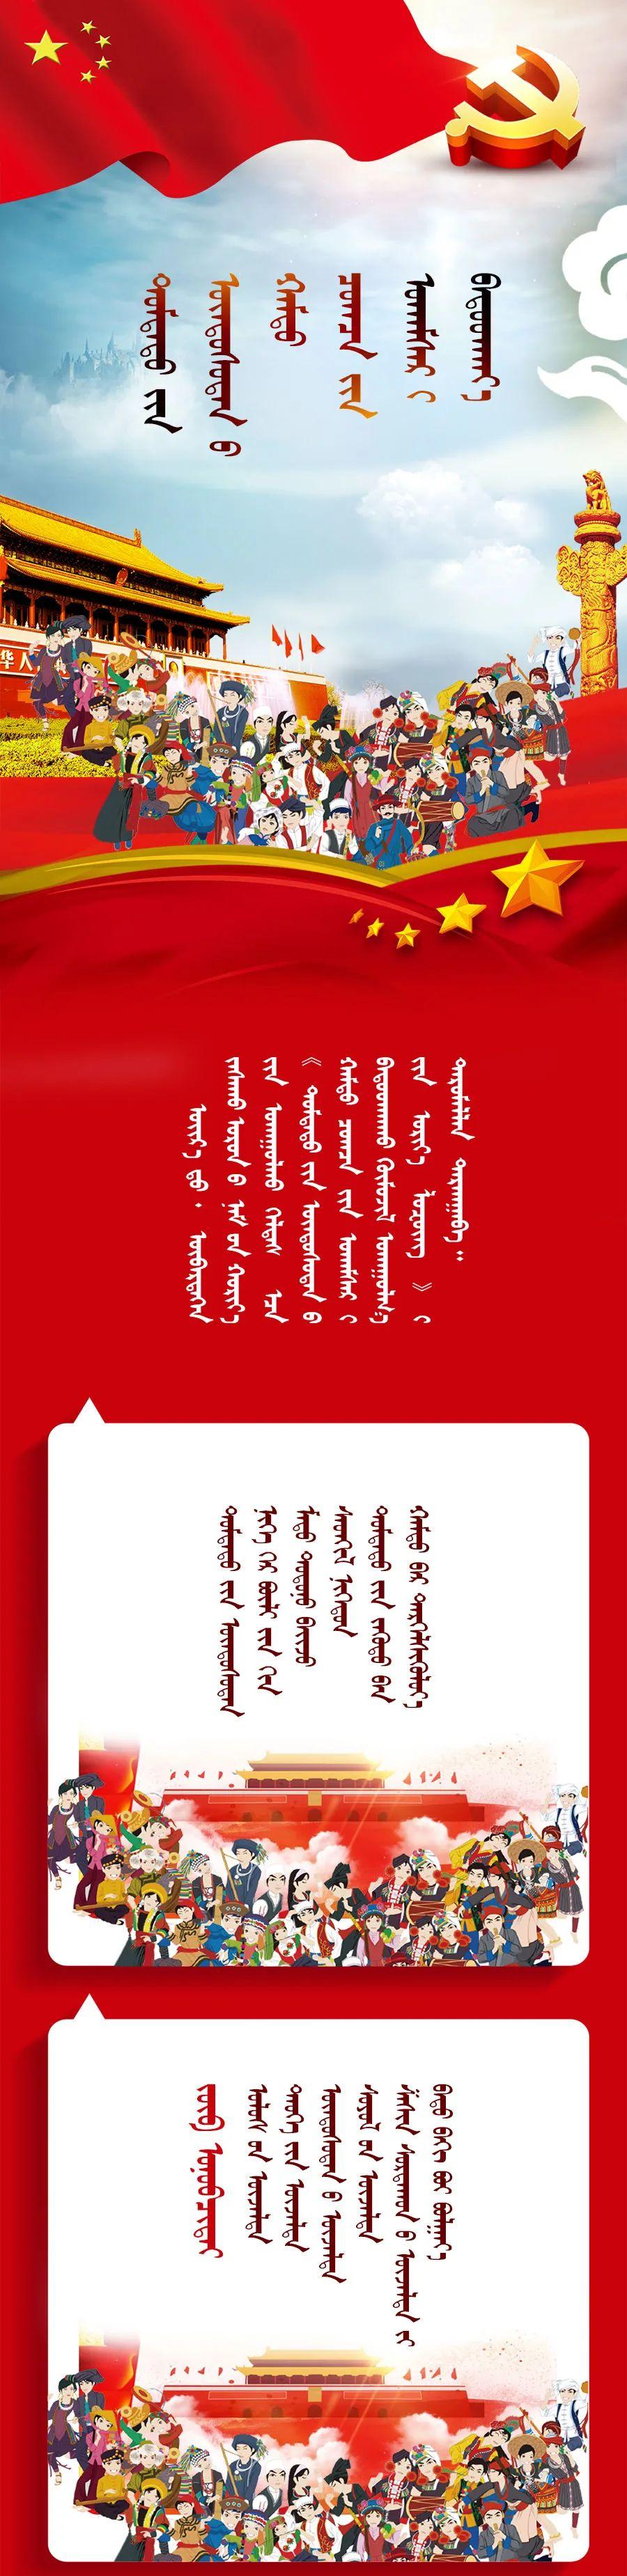 铸牢中华民族共同体意识—— 宣传标语(蒙古文)